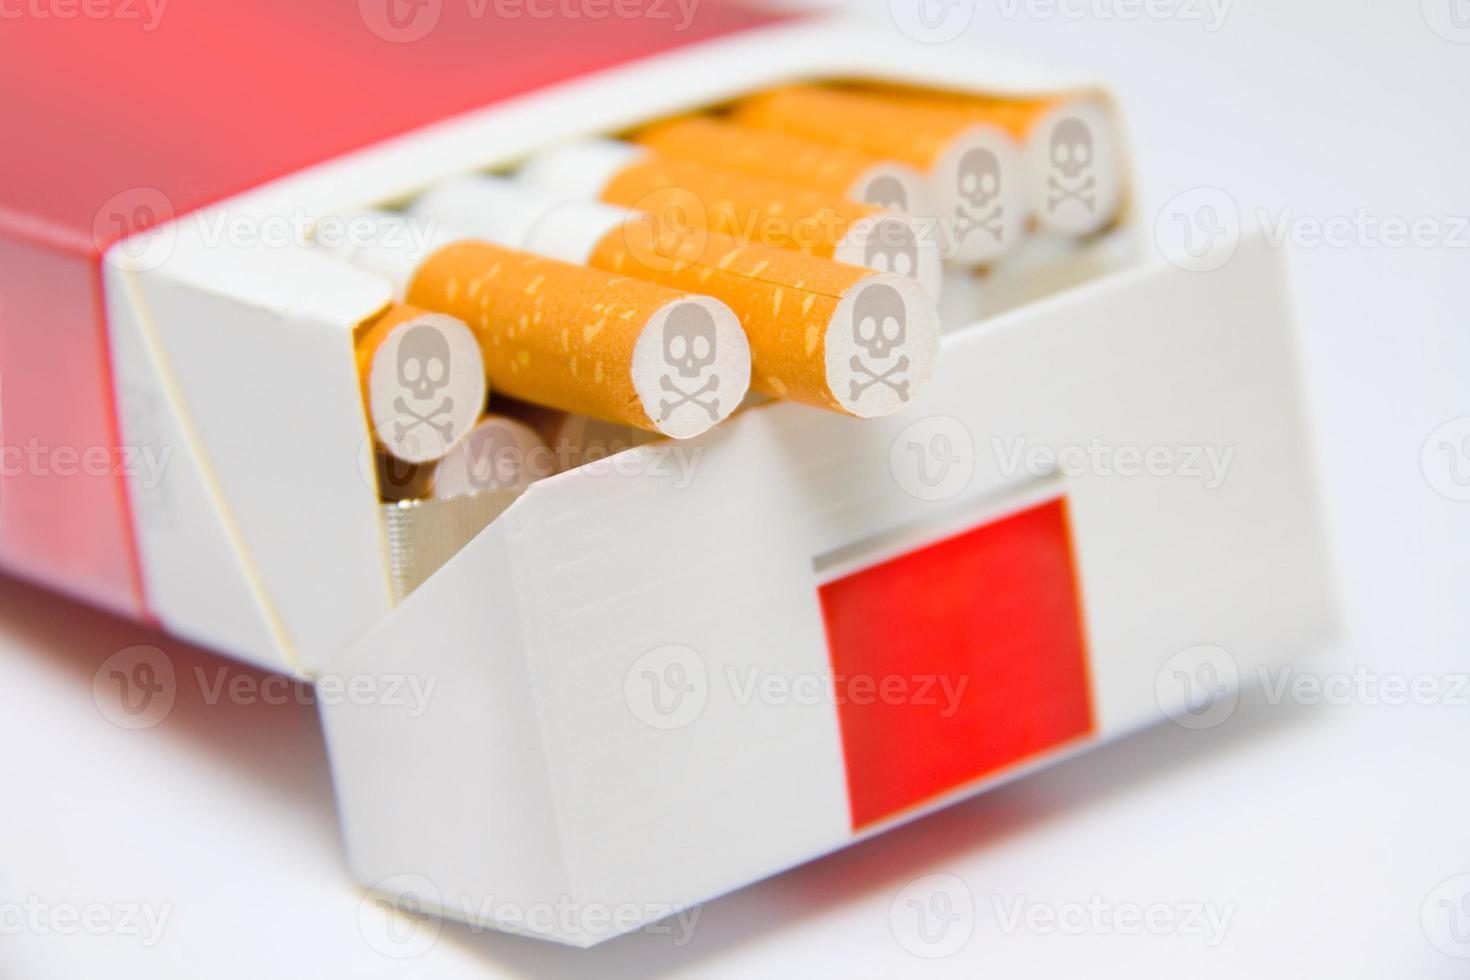 Zigaretten in Schachtel mit Totenkopfzeichen foto